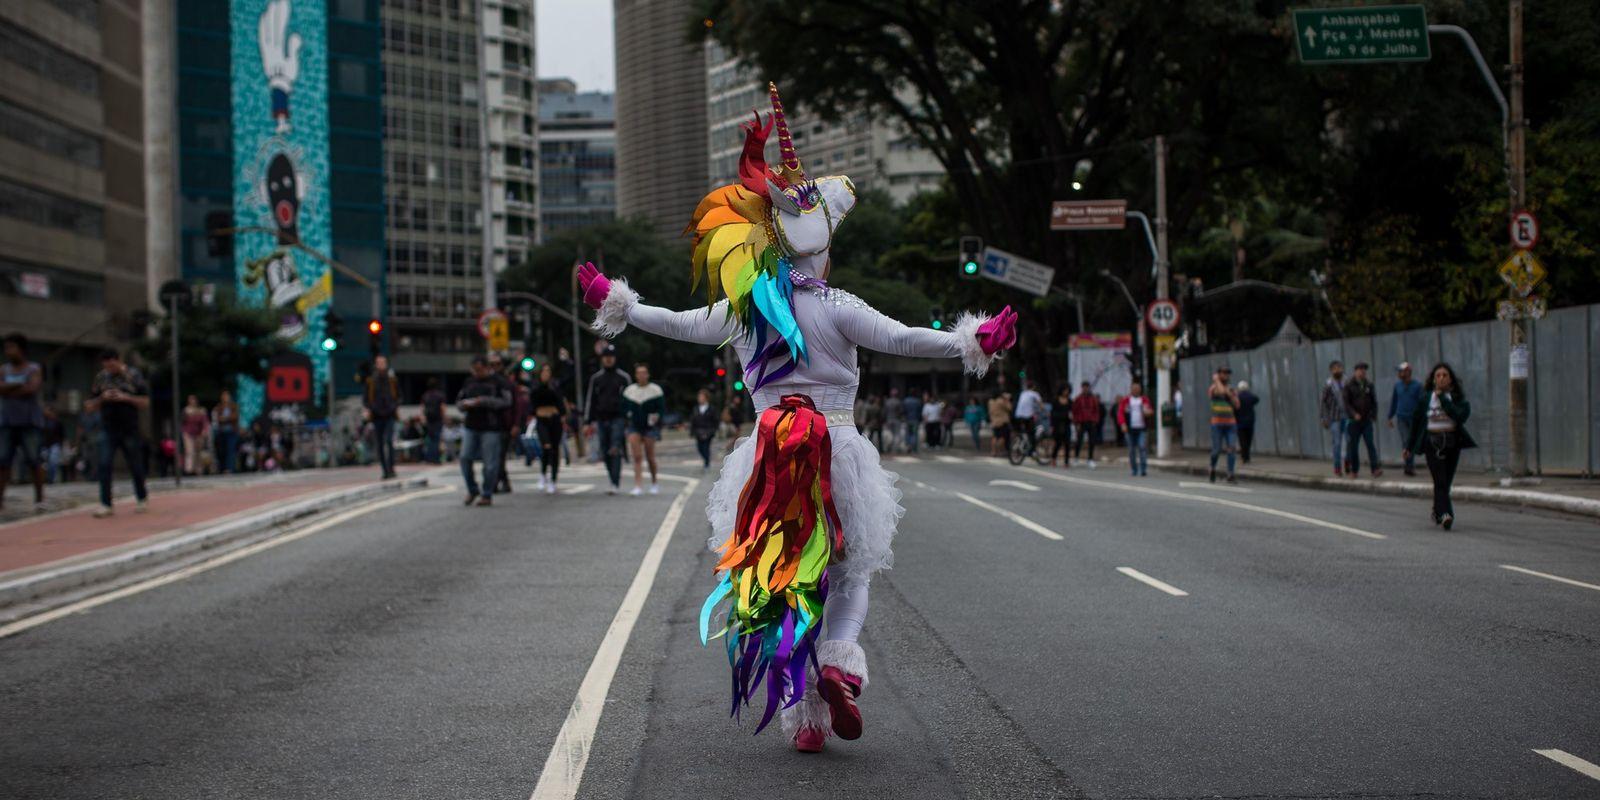 Confira imagens da Parada do Orgulho LGBTQIA+ de São Paulo em 2018